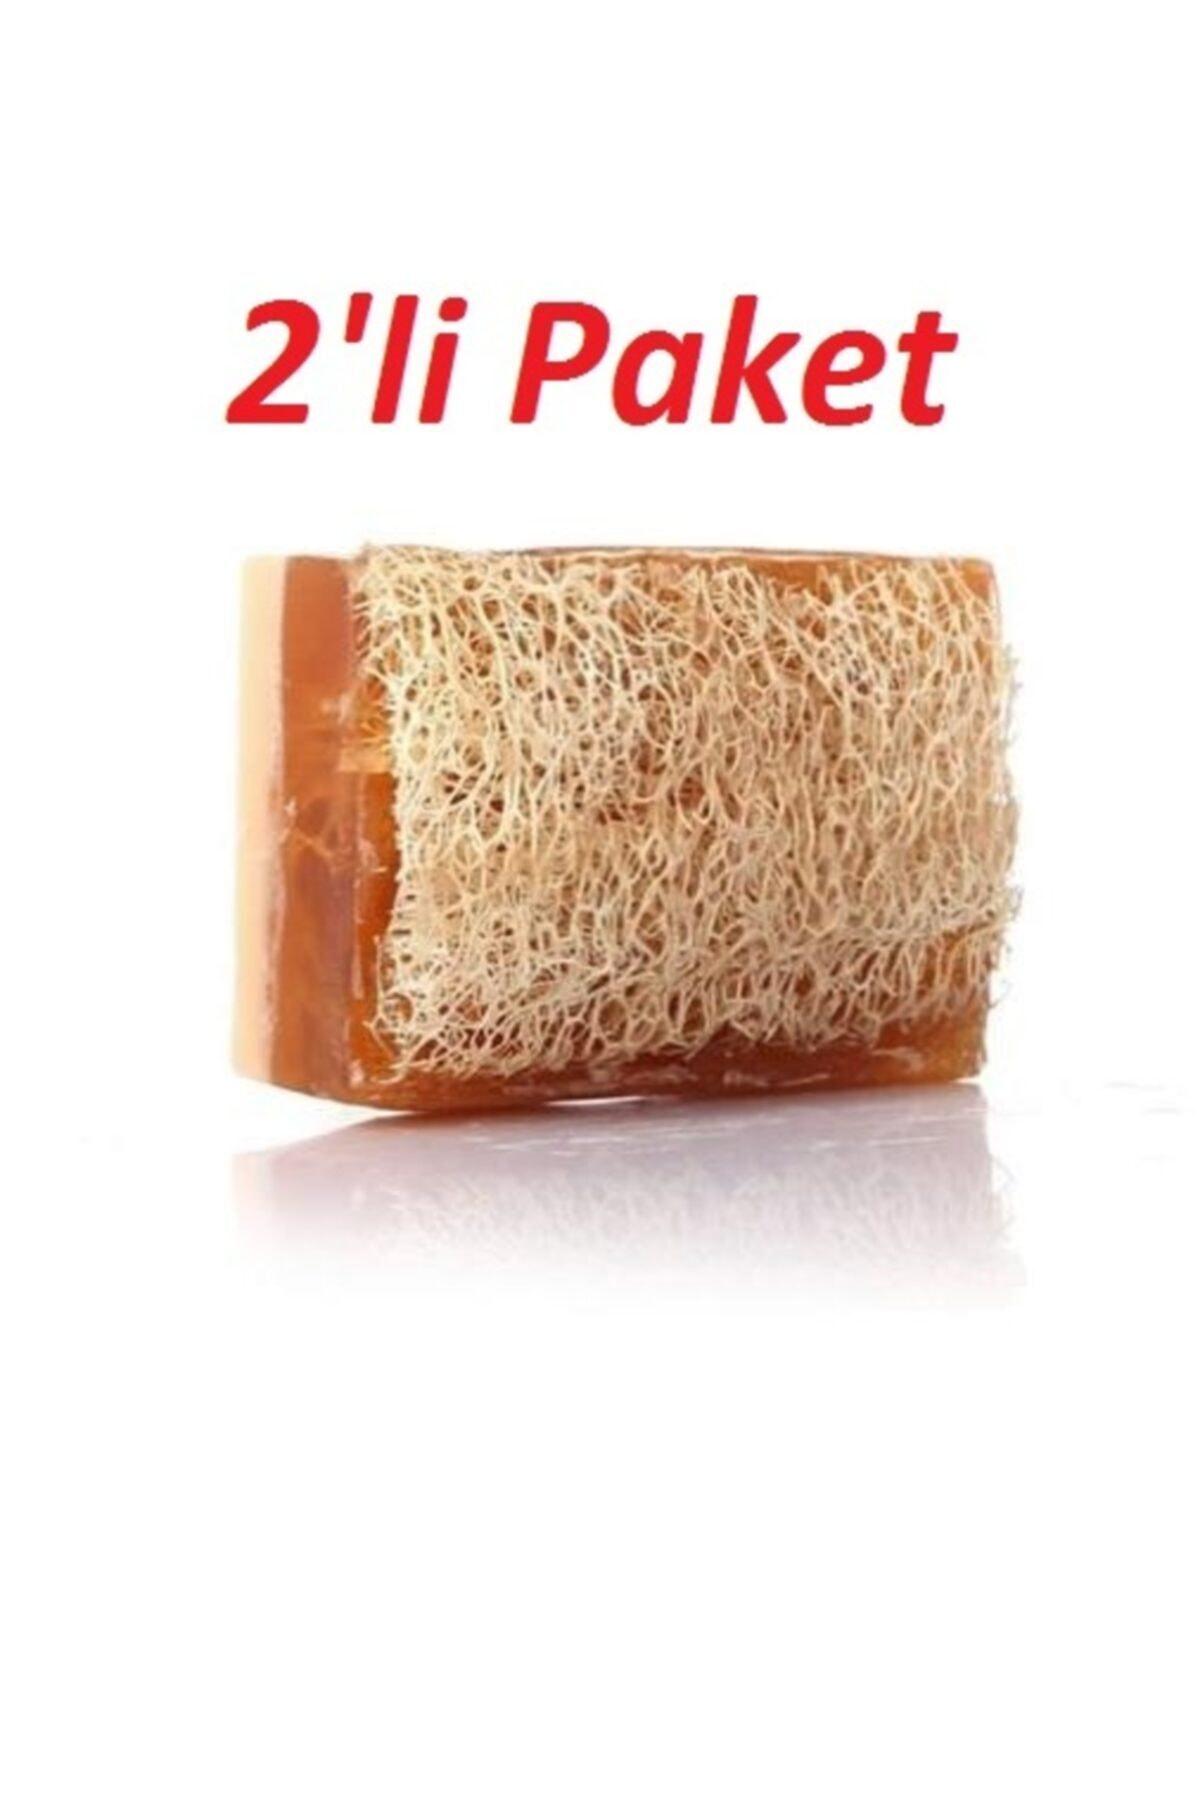 MS SHOP %100 El Yapımı Doğal Kabak Lifli Ballı Eşek Sütü Sabunu 2'li Paket 120 gr.x 2 Adet 1